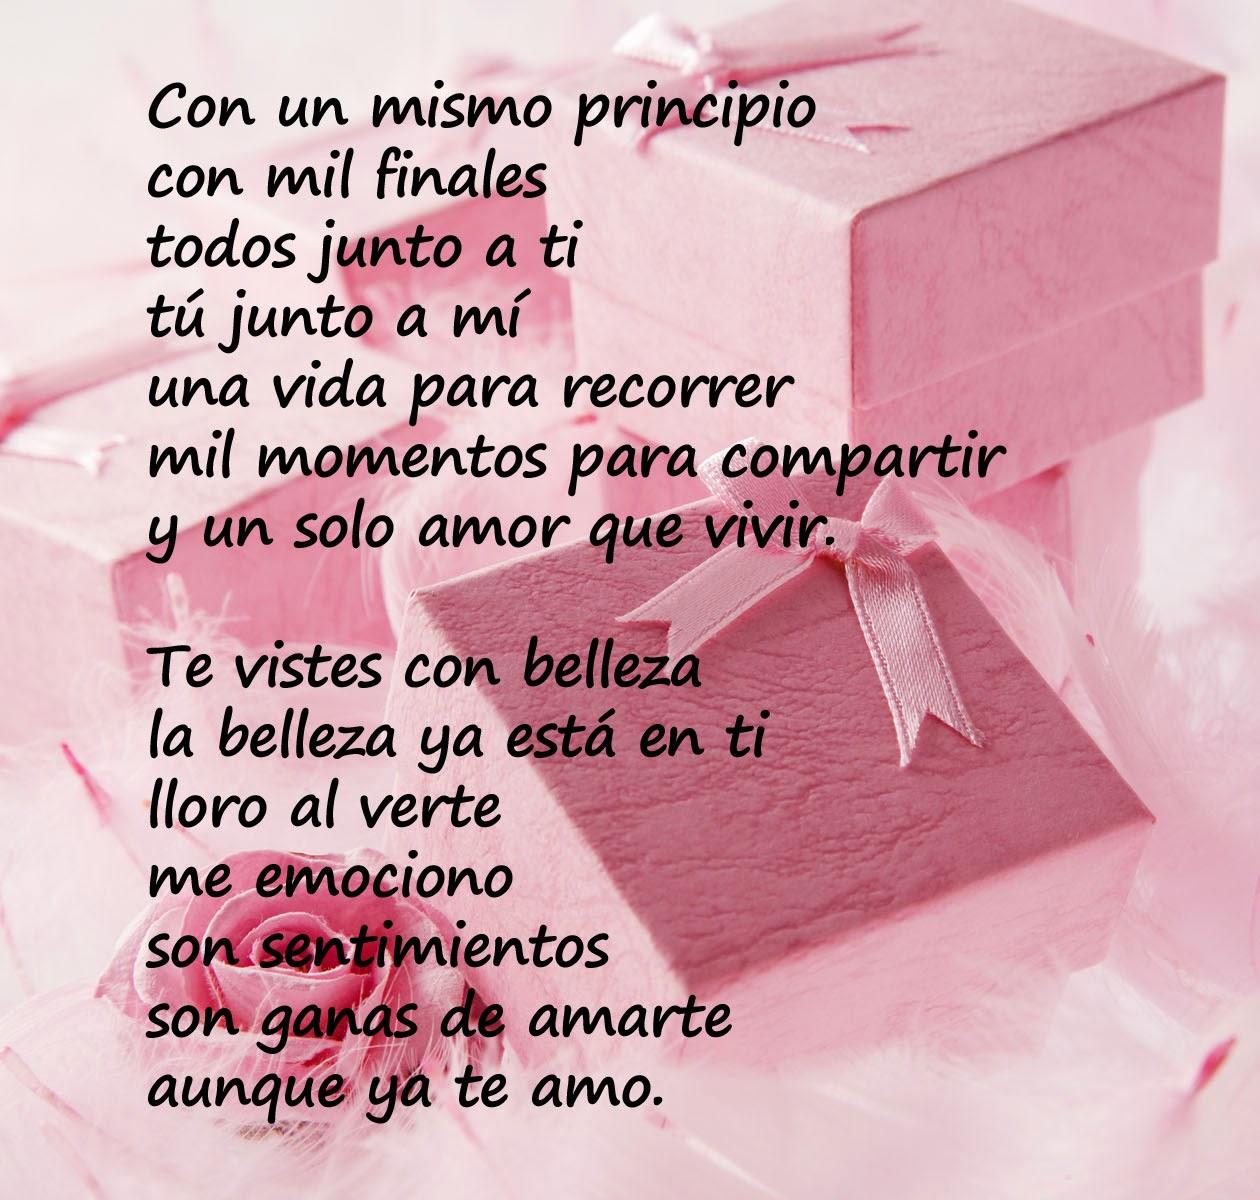 Poemas de amor - Cartas de san valentin en ingles ...